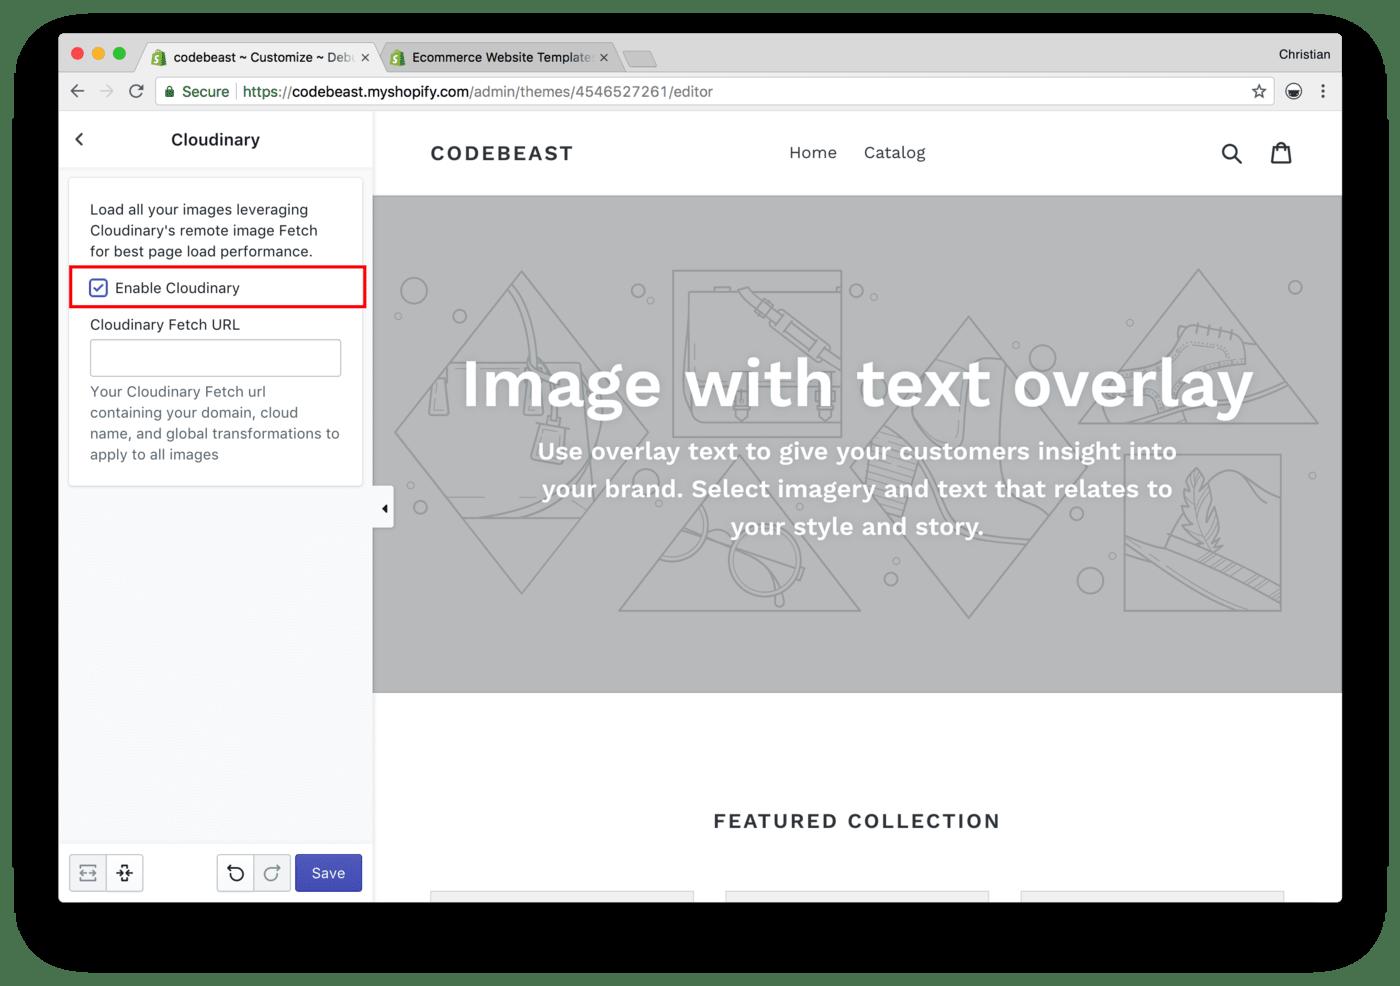 shopify image optimization